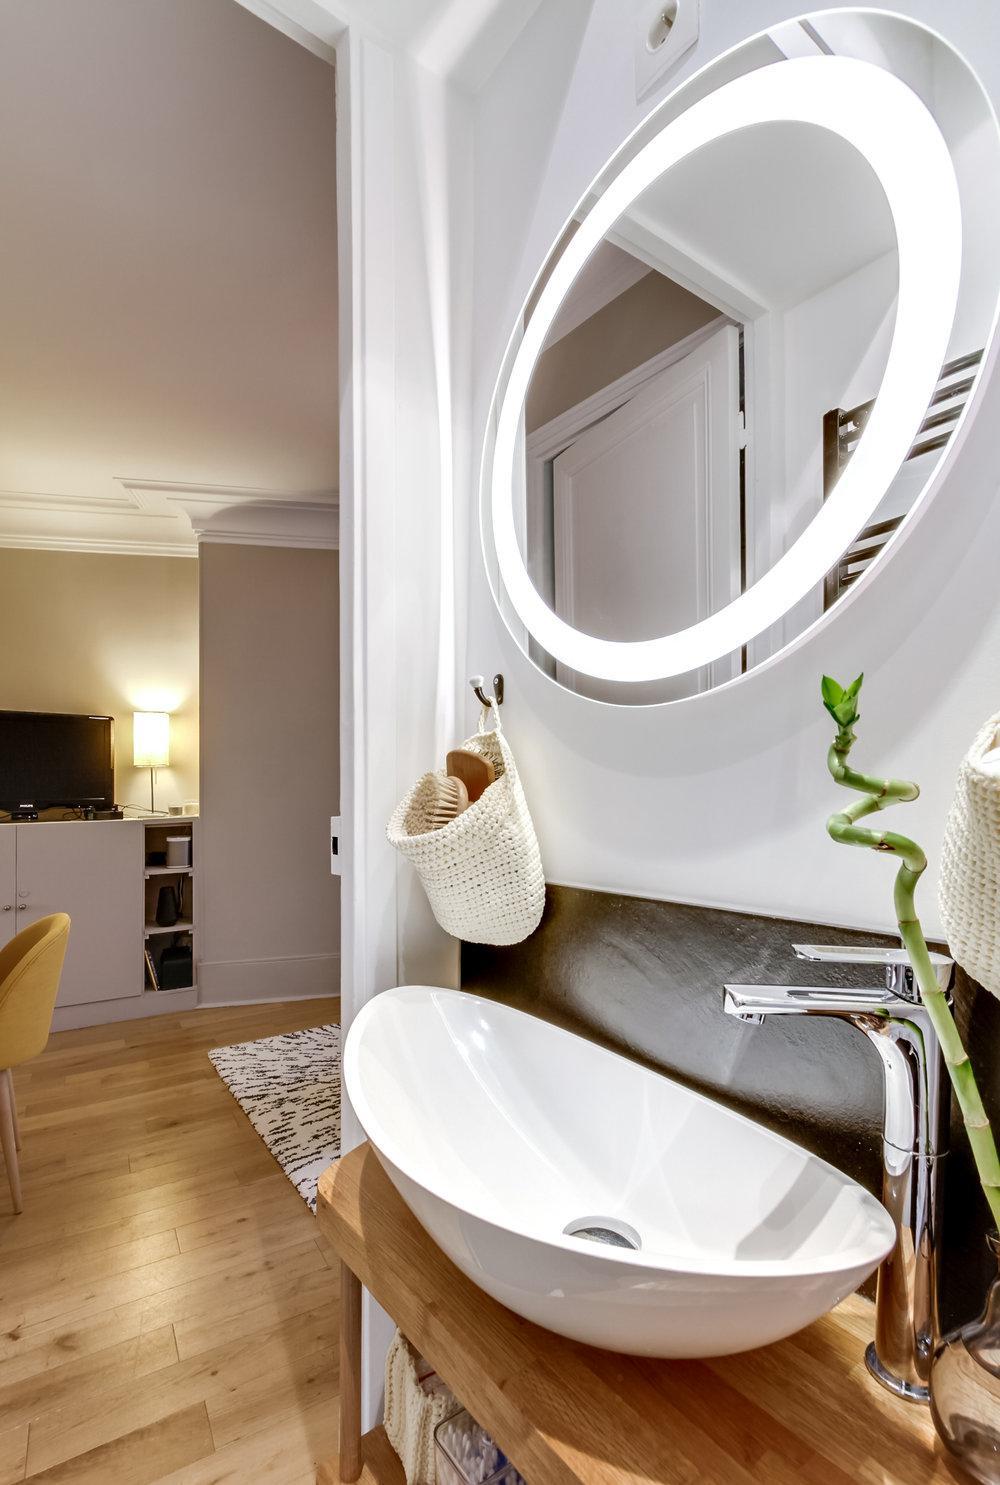 Обстановка однокомнатной квартиры с ванной